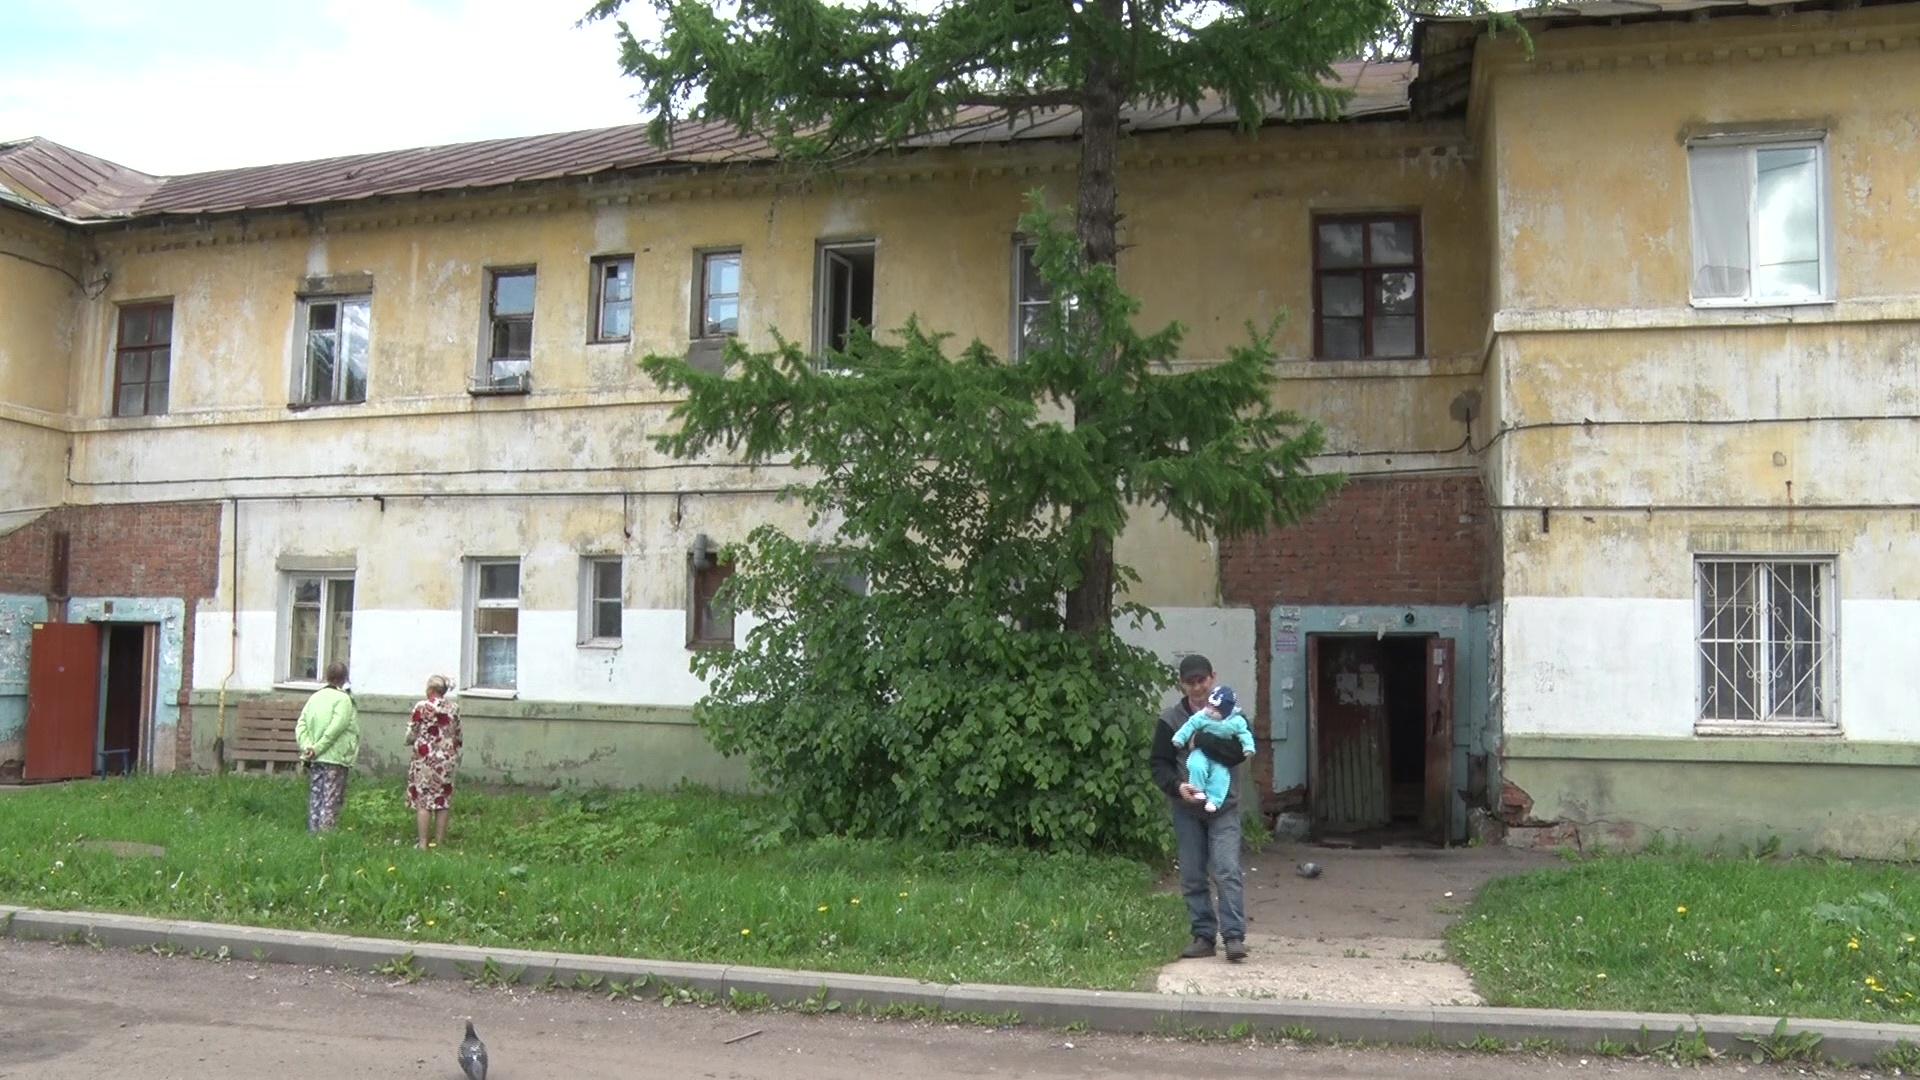 Спасли бессонница и натяжной потолок: в доме на улице Пирогова в Ярославле рухнул потолок